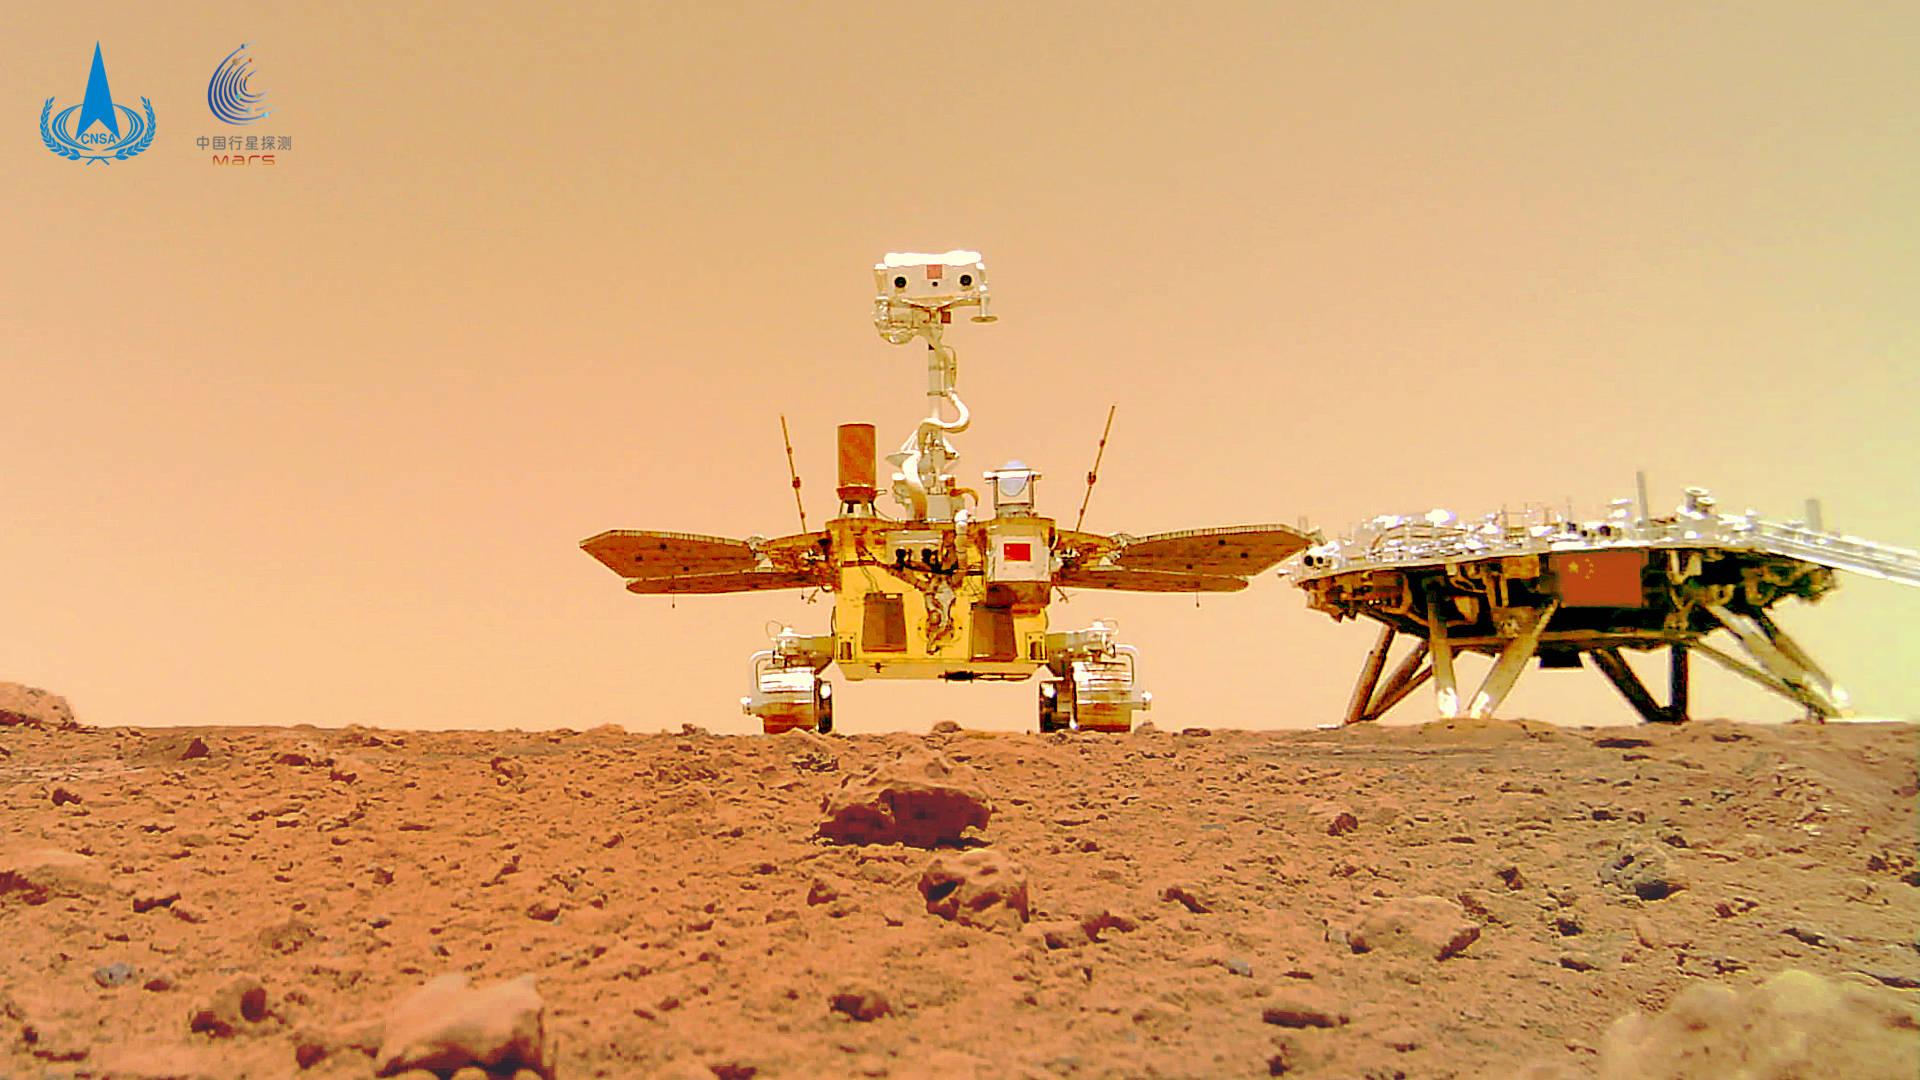 Le rover chinois Zhurong se photographie sur Mars près de son module d'atterrissage